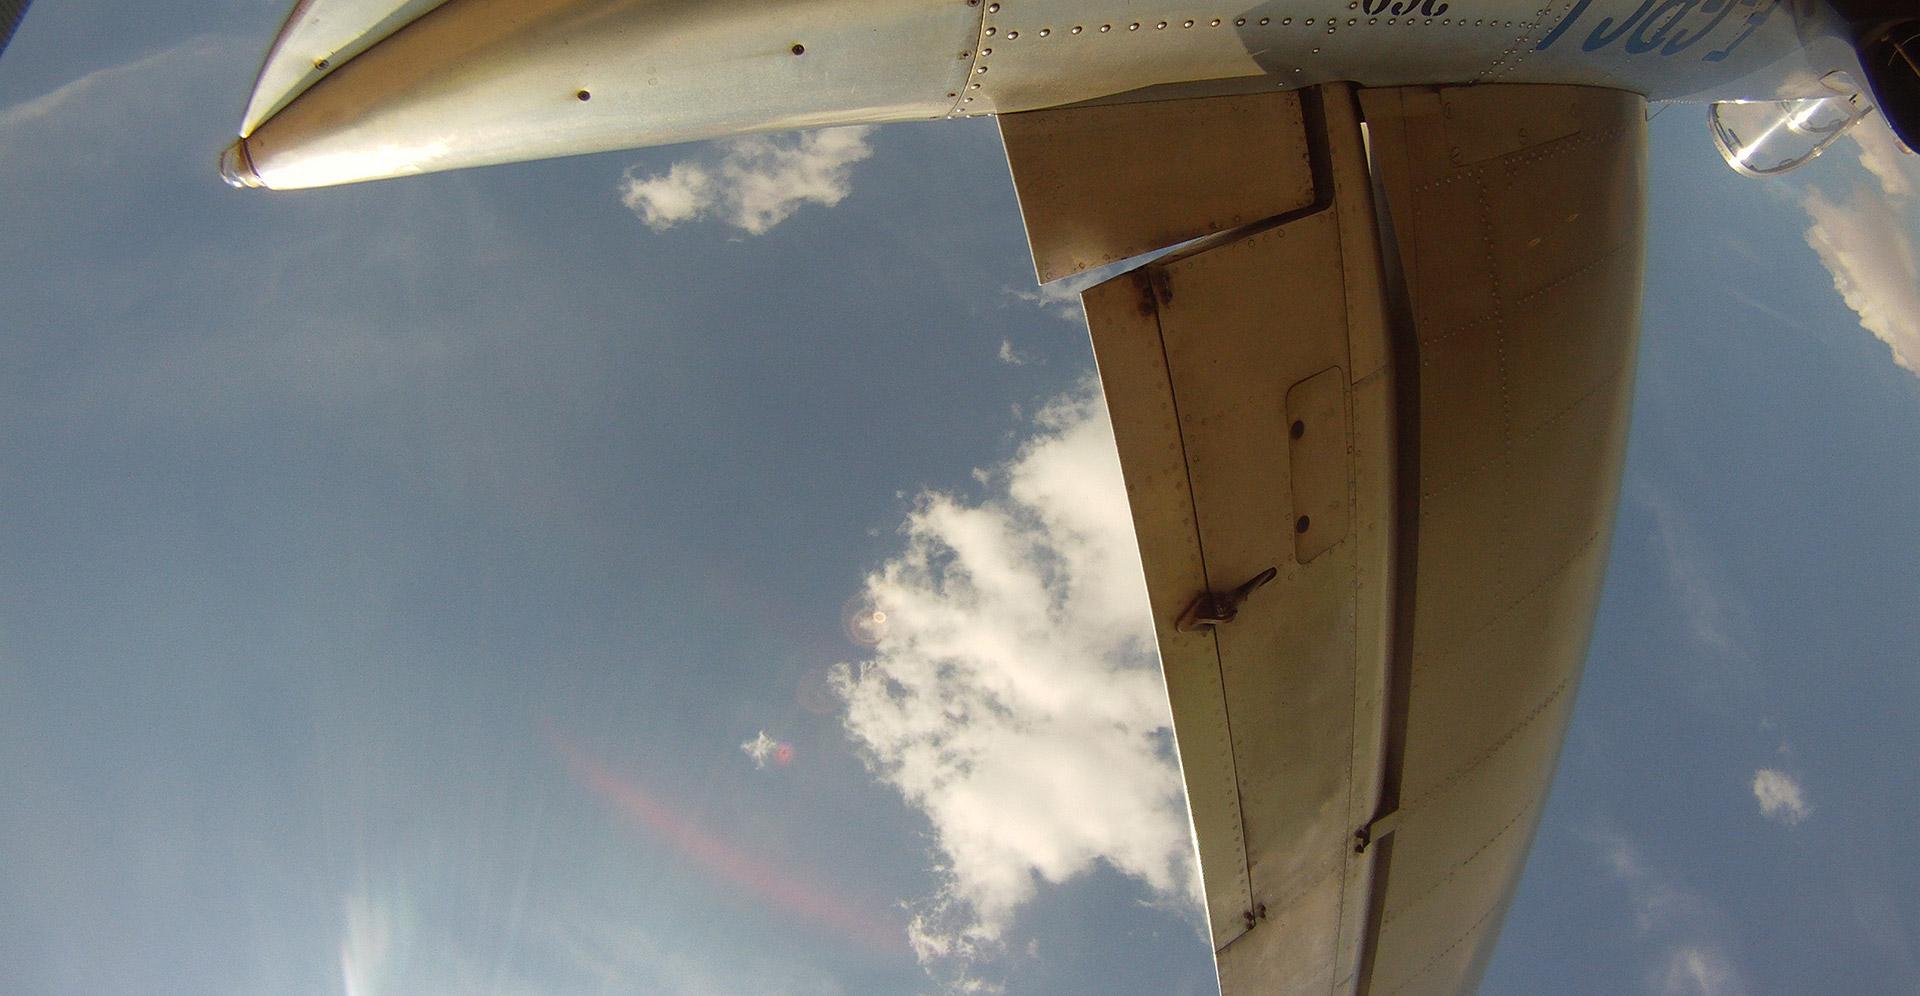 Vol en Fouga Magister Aix en Provence